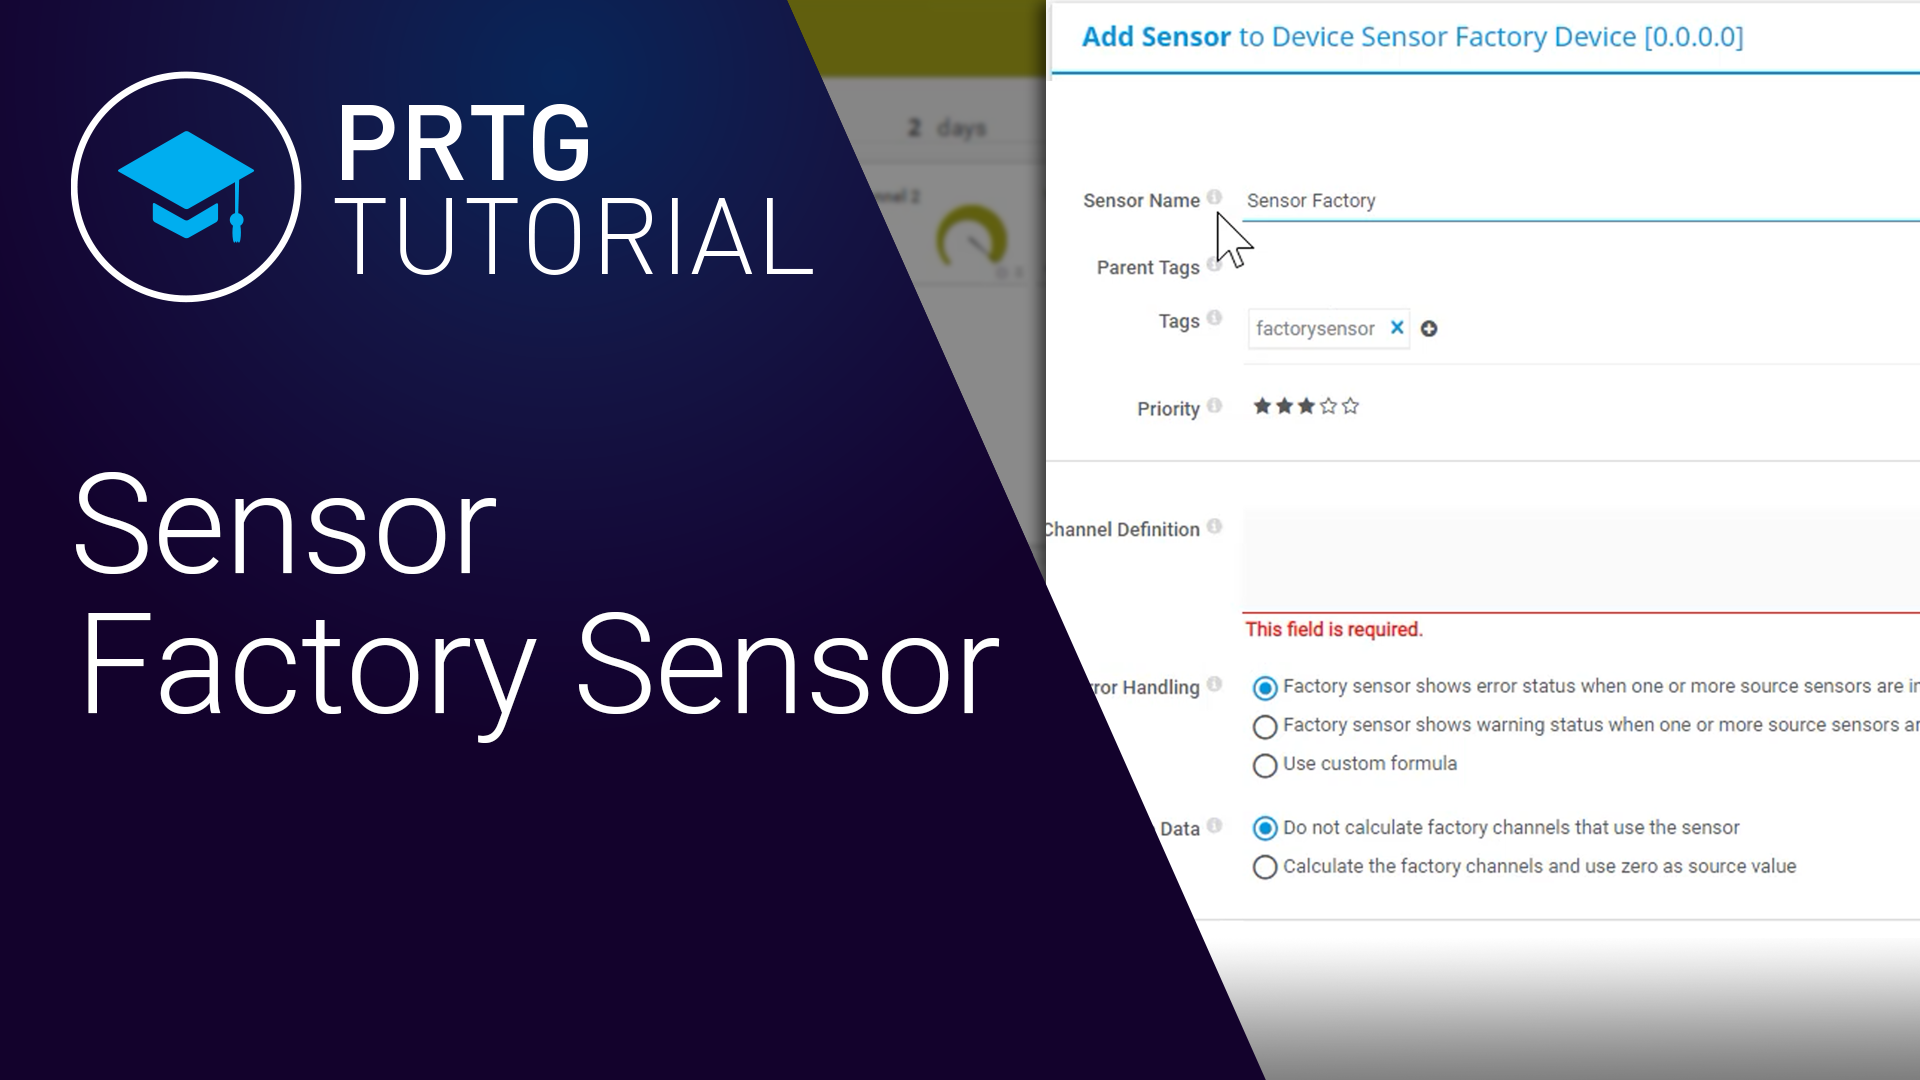 Video: PRTG - Sensor Factory sensor (Videos, Sensors)